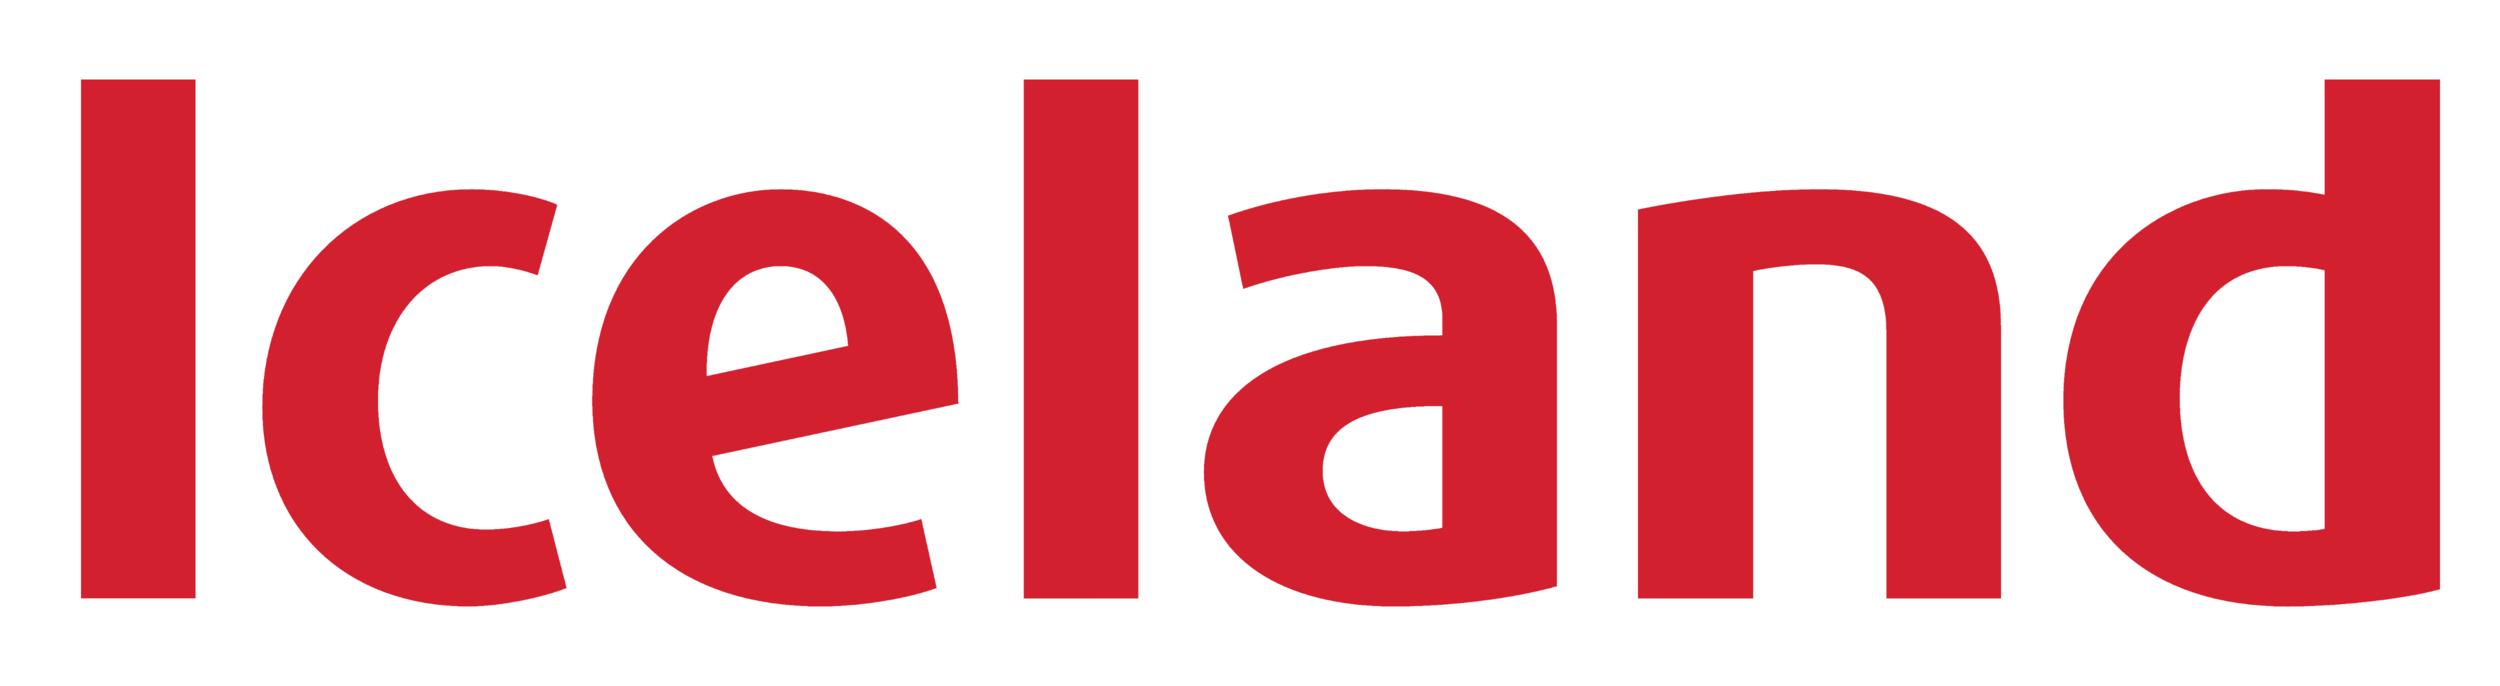 Iceland_logo_wordmark.png